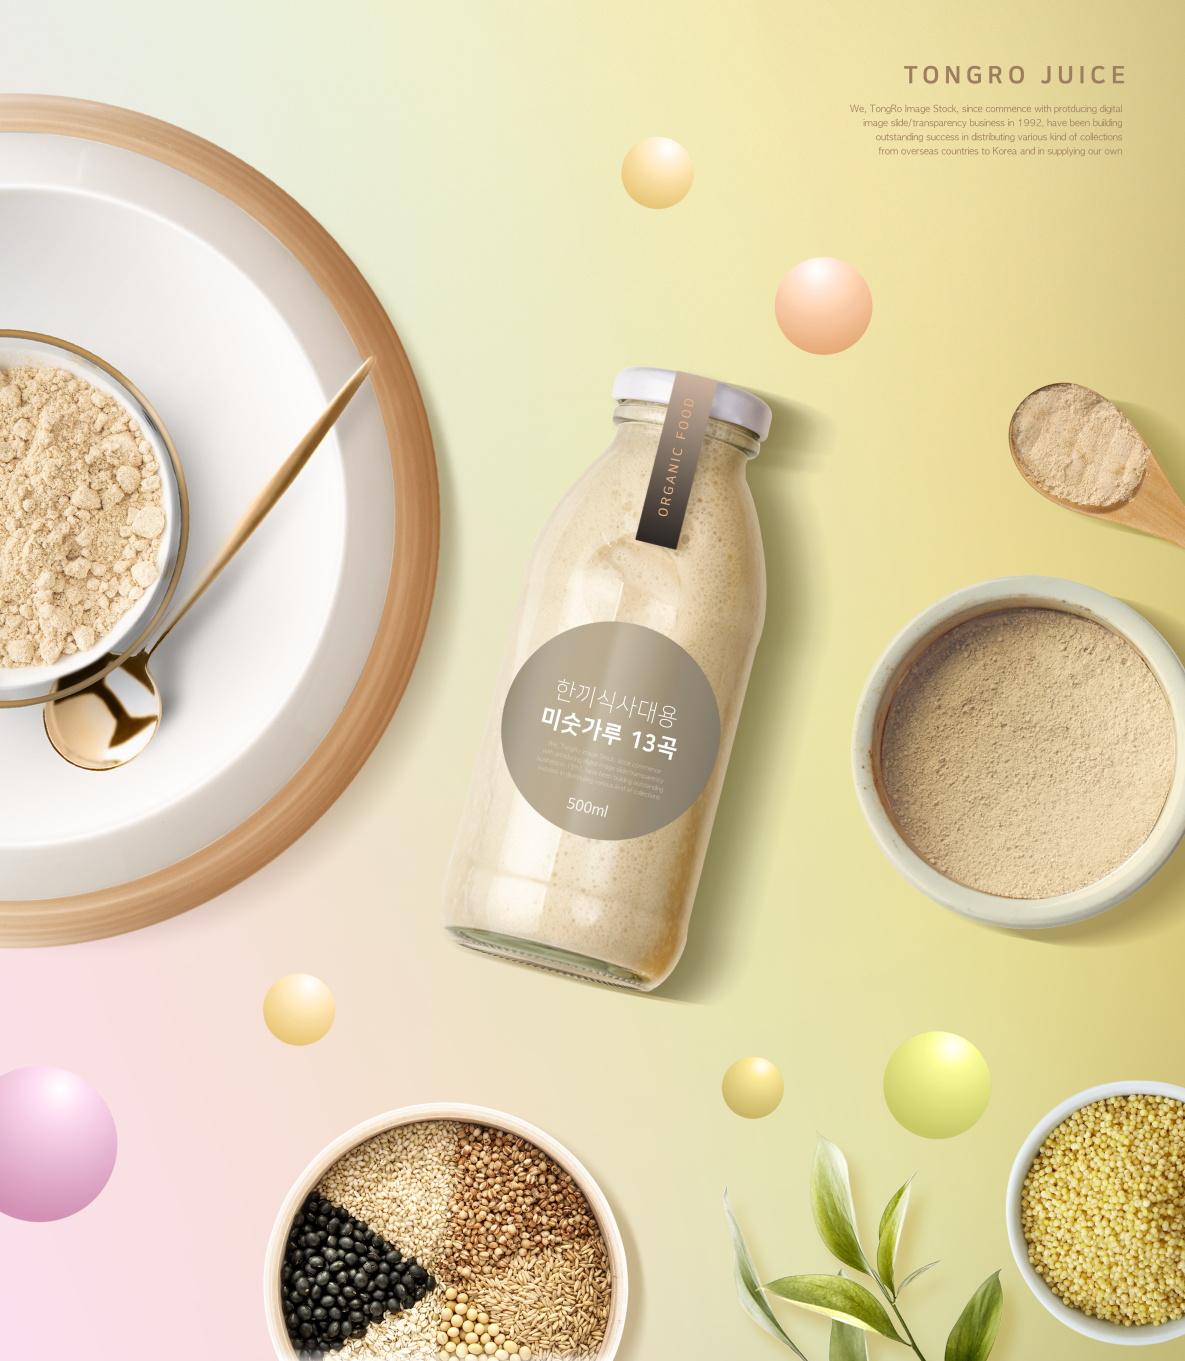 7款果汁饮料奶茶牛奶海报传单设计PSD模板素材 Juice Drink Sale Poster Template插图4